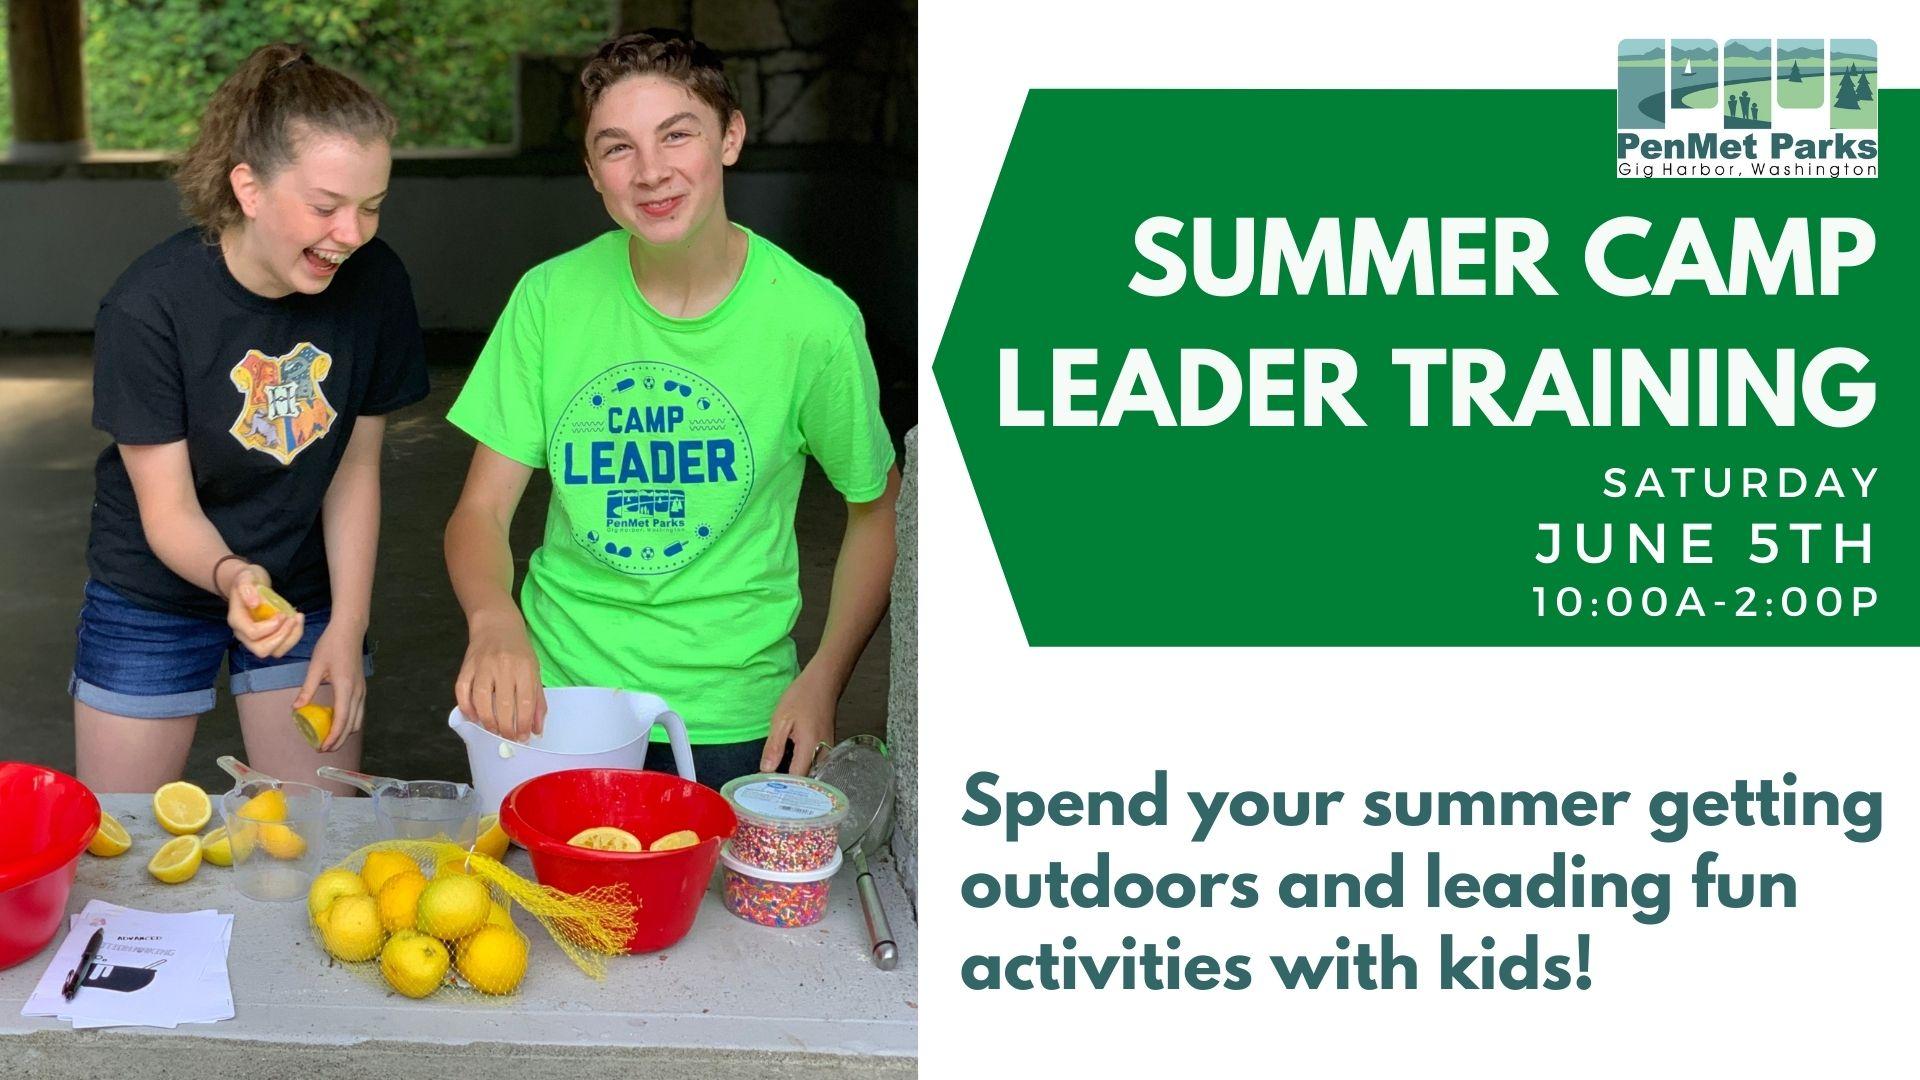 Summer Camp Leader